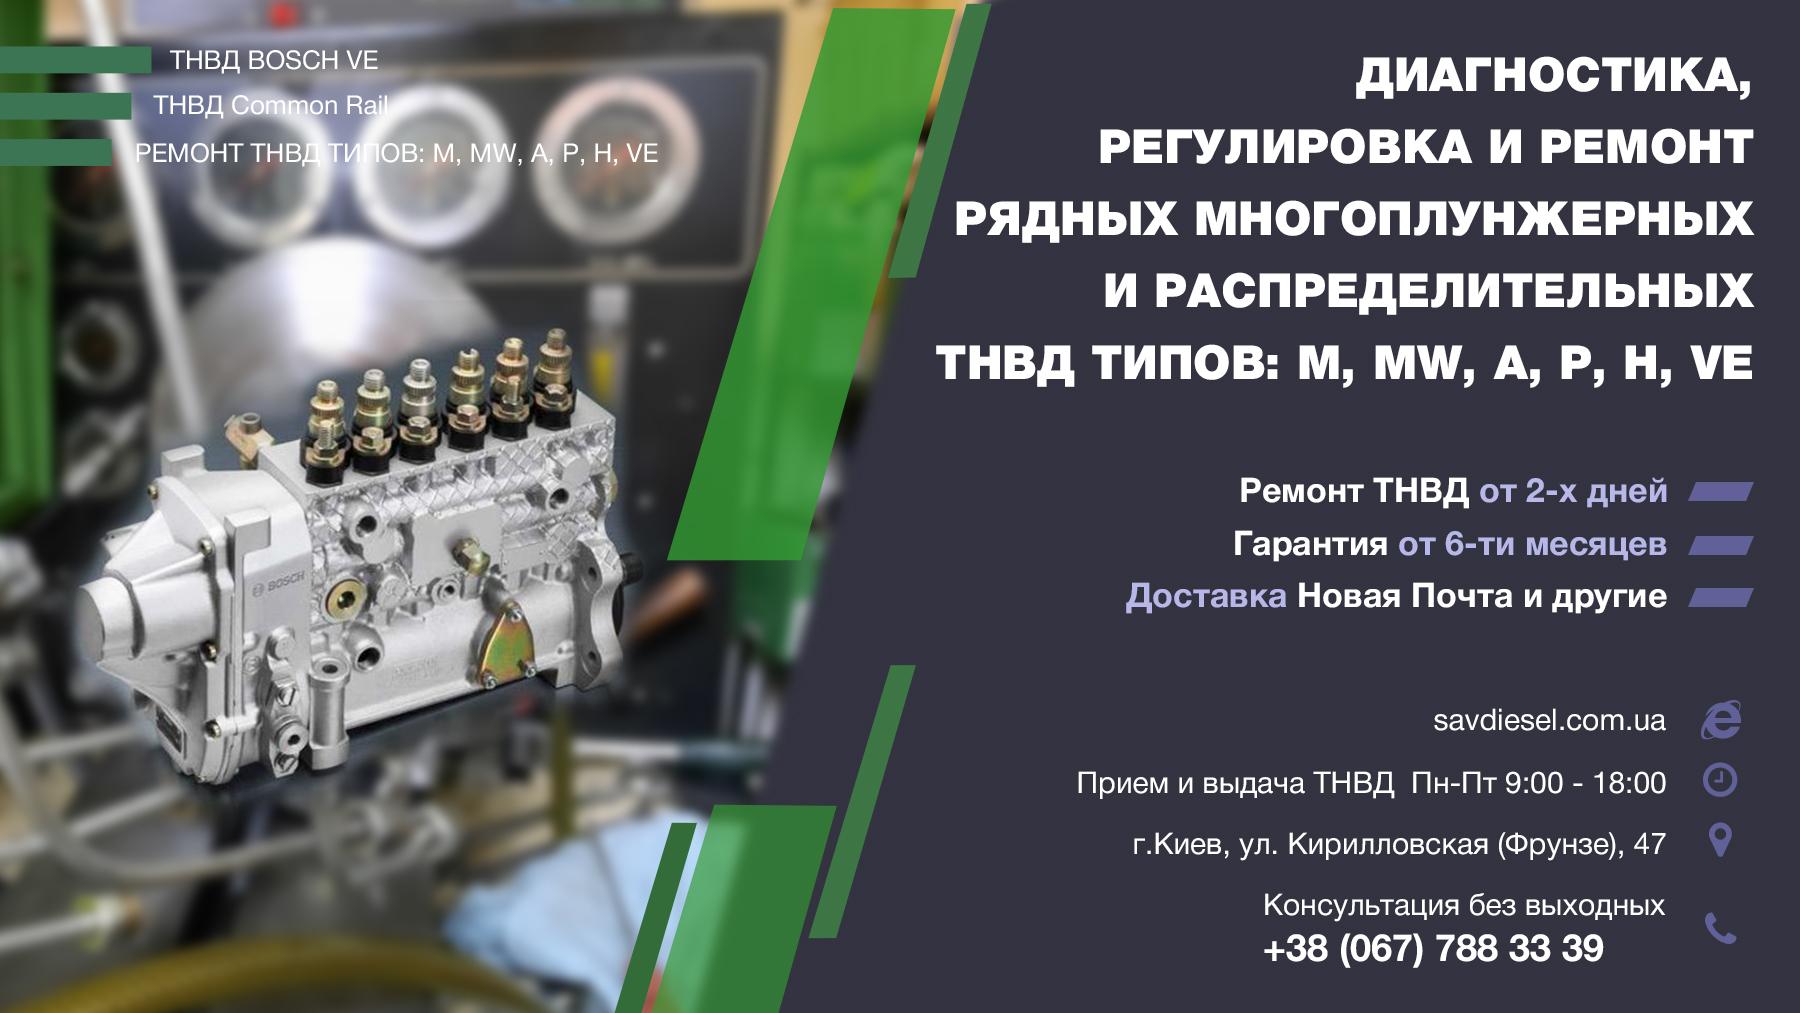 Ремонт ТНВД в Киеве